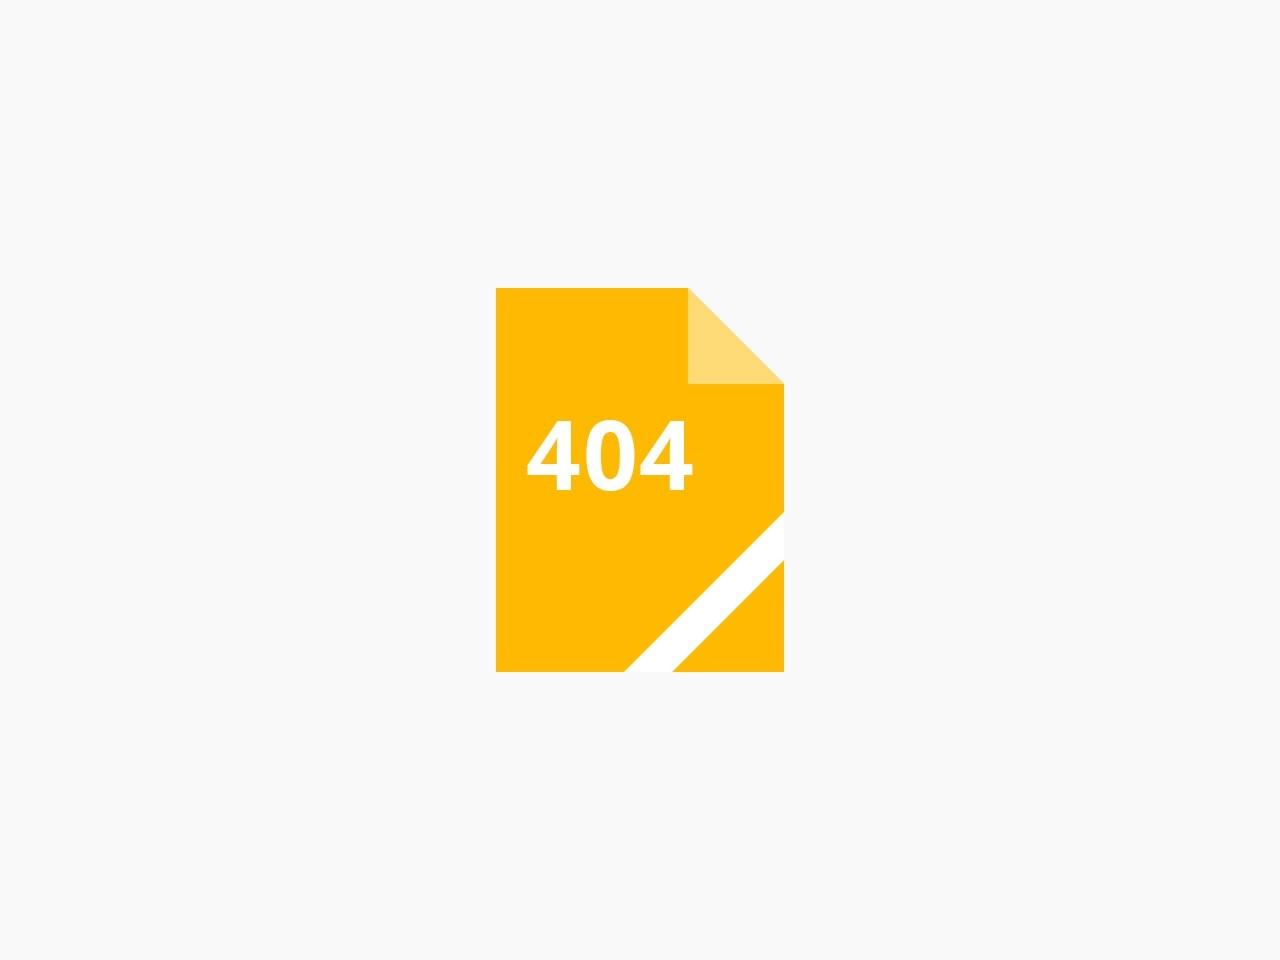 千梦网创108计第64计:运动步数代跑服务,月入过万的小众冷门技术 | 米库网